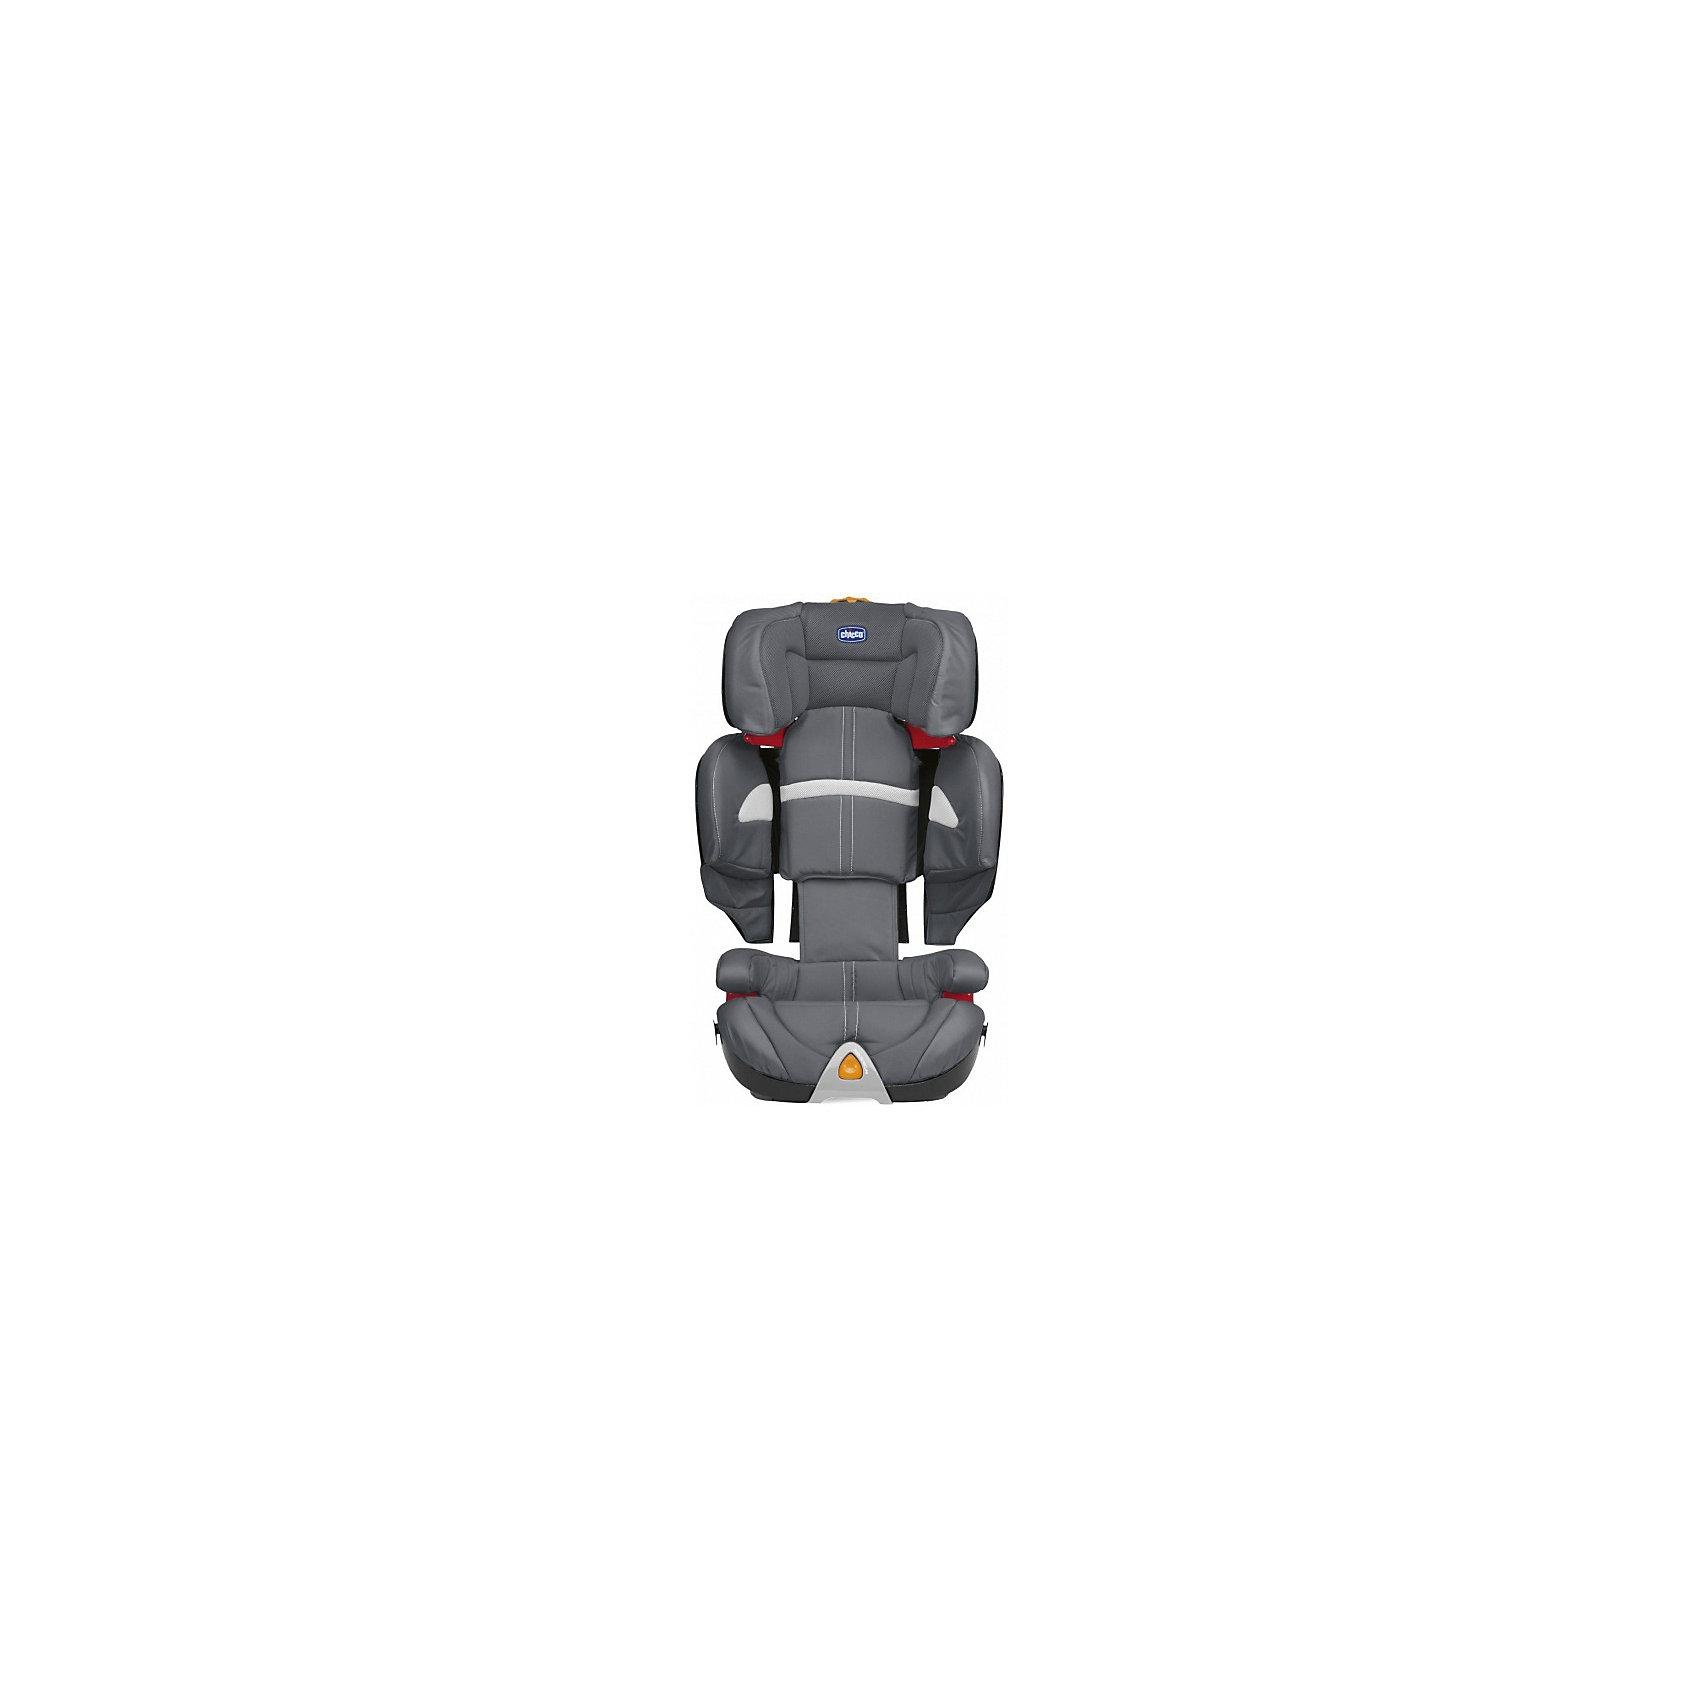 Автокресло OASYS 2-3, 15-36 кг., CHICCO, race